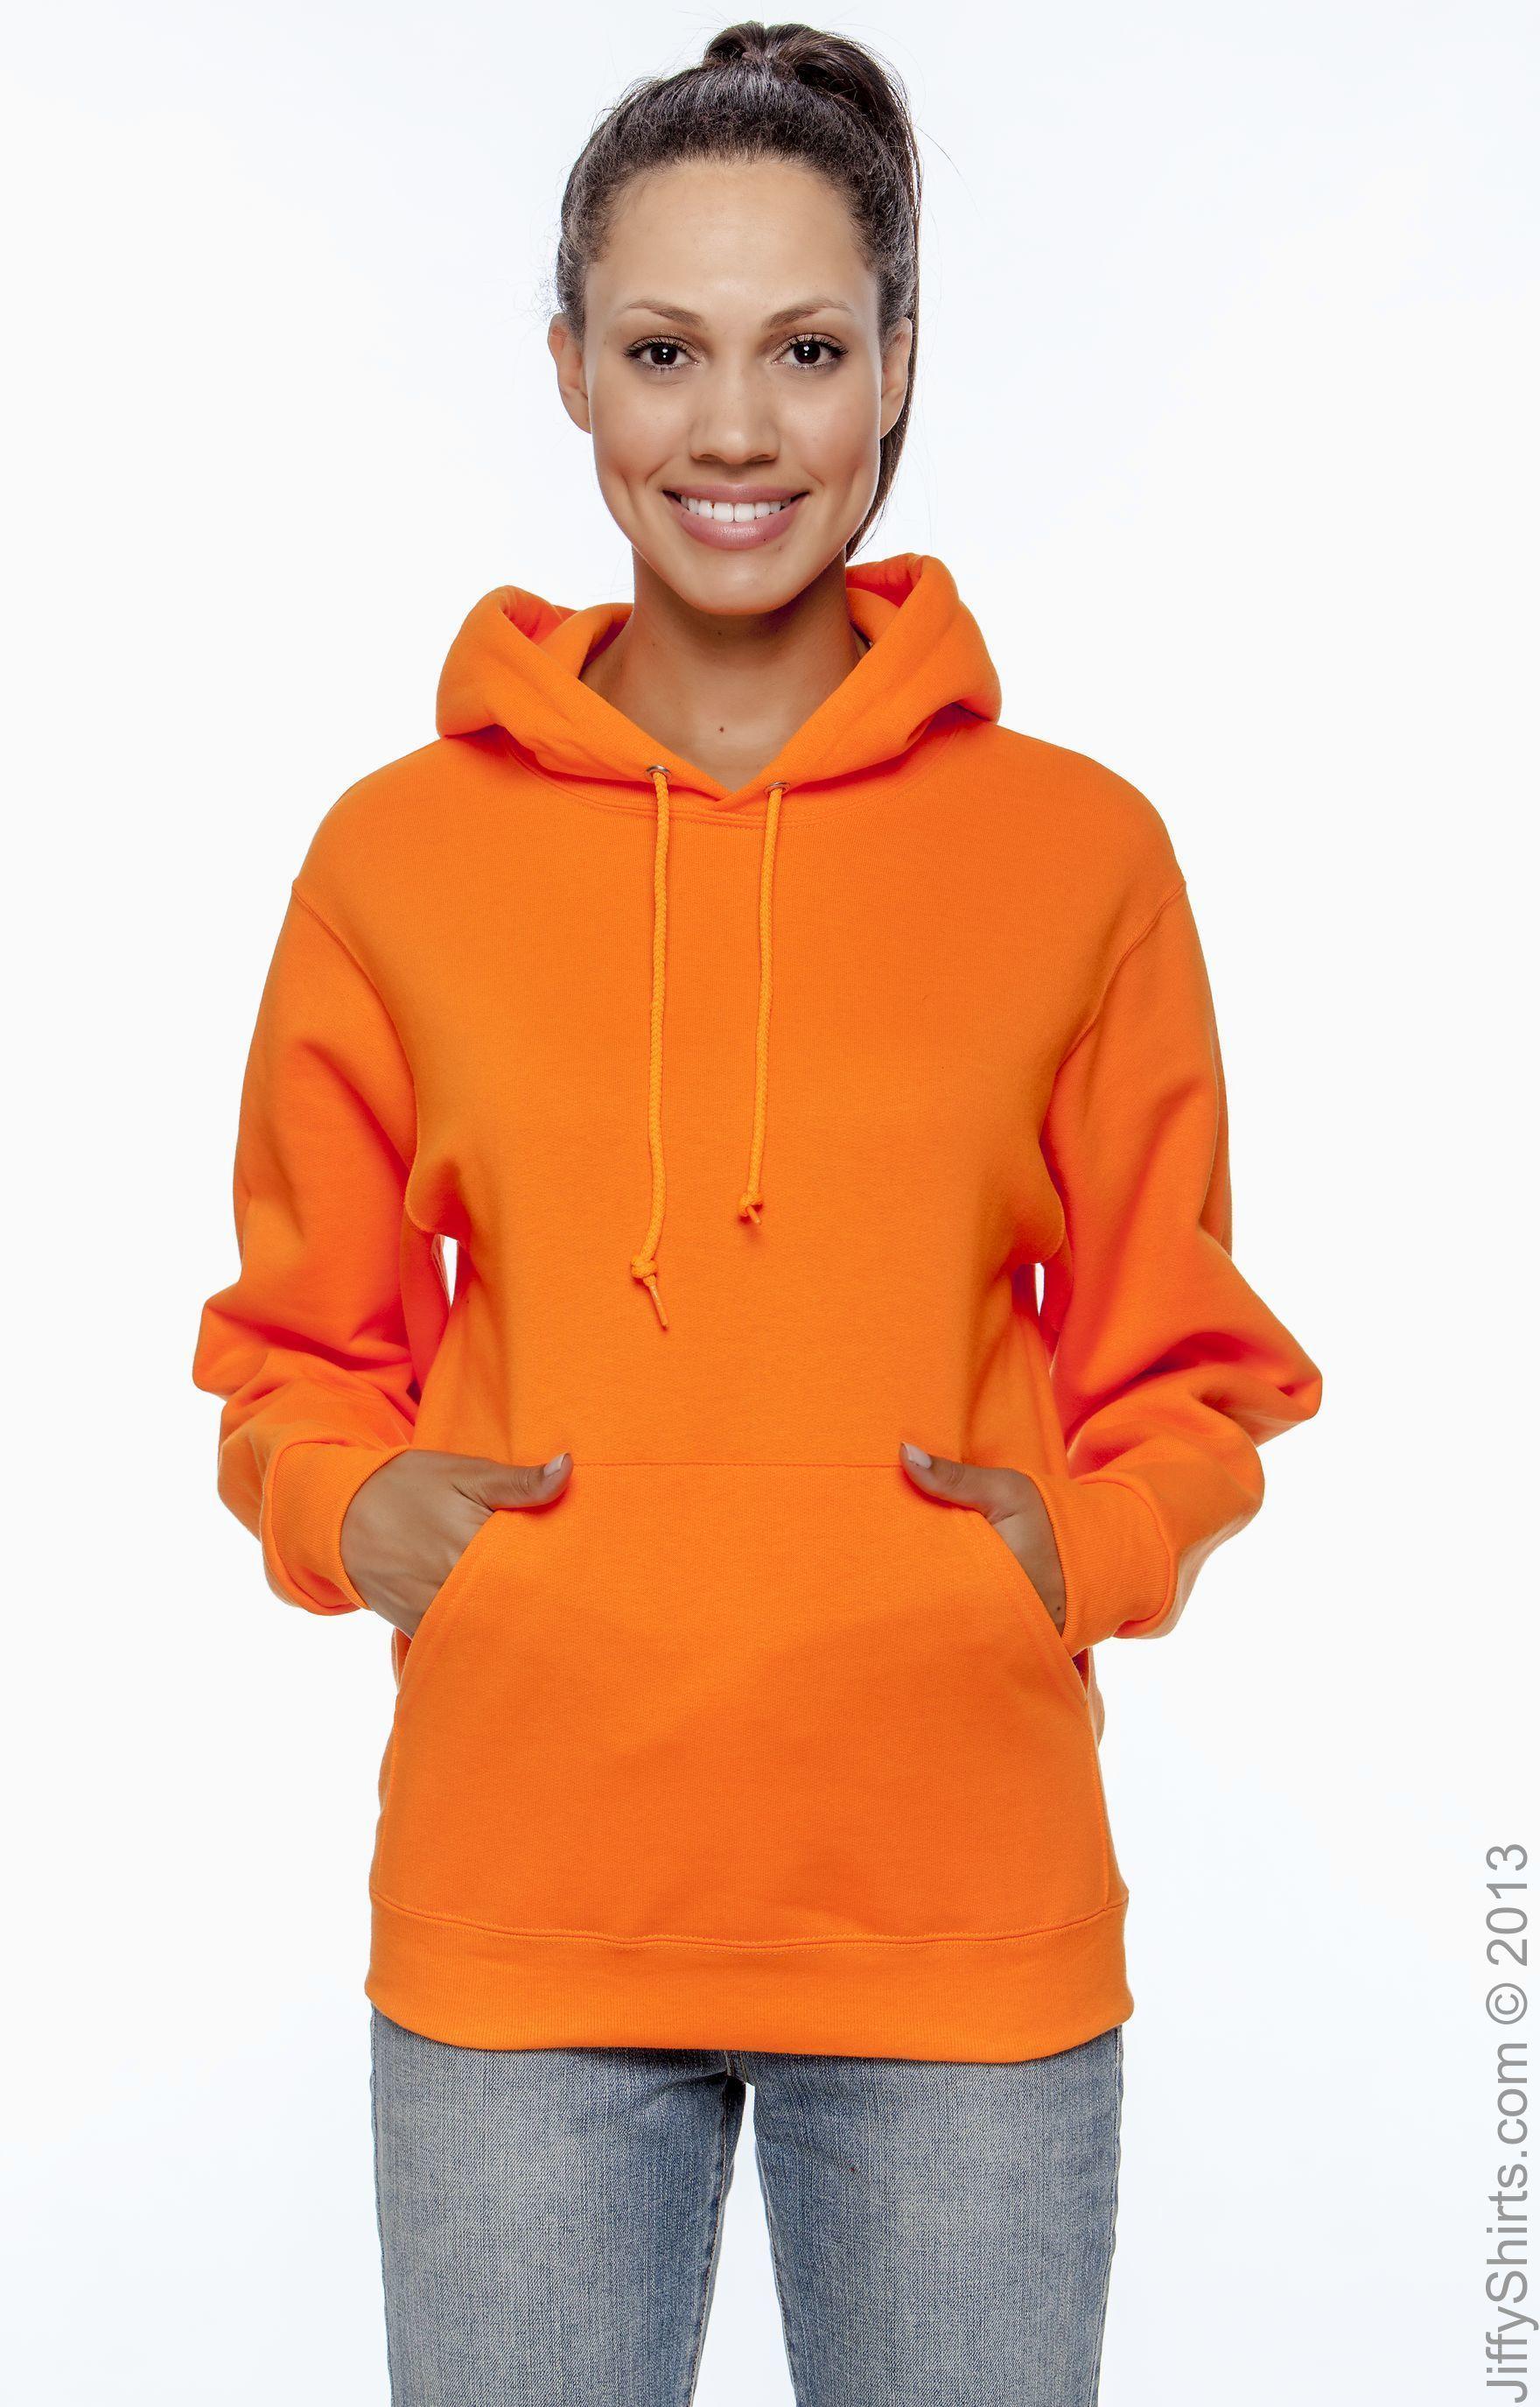 Large NuBlend 50//50 Pullover Hood Safety Orange Jerzees 8 oz